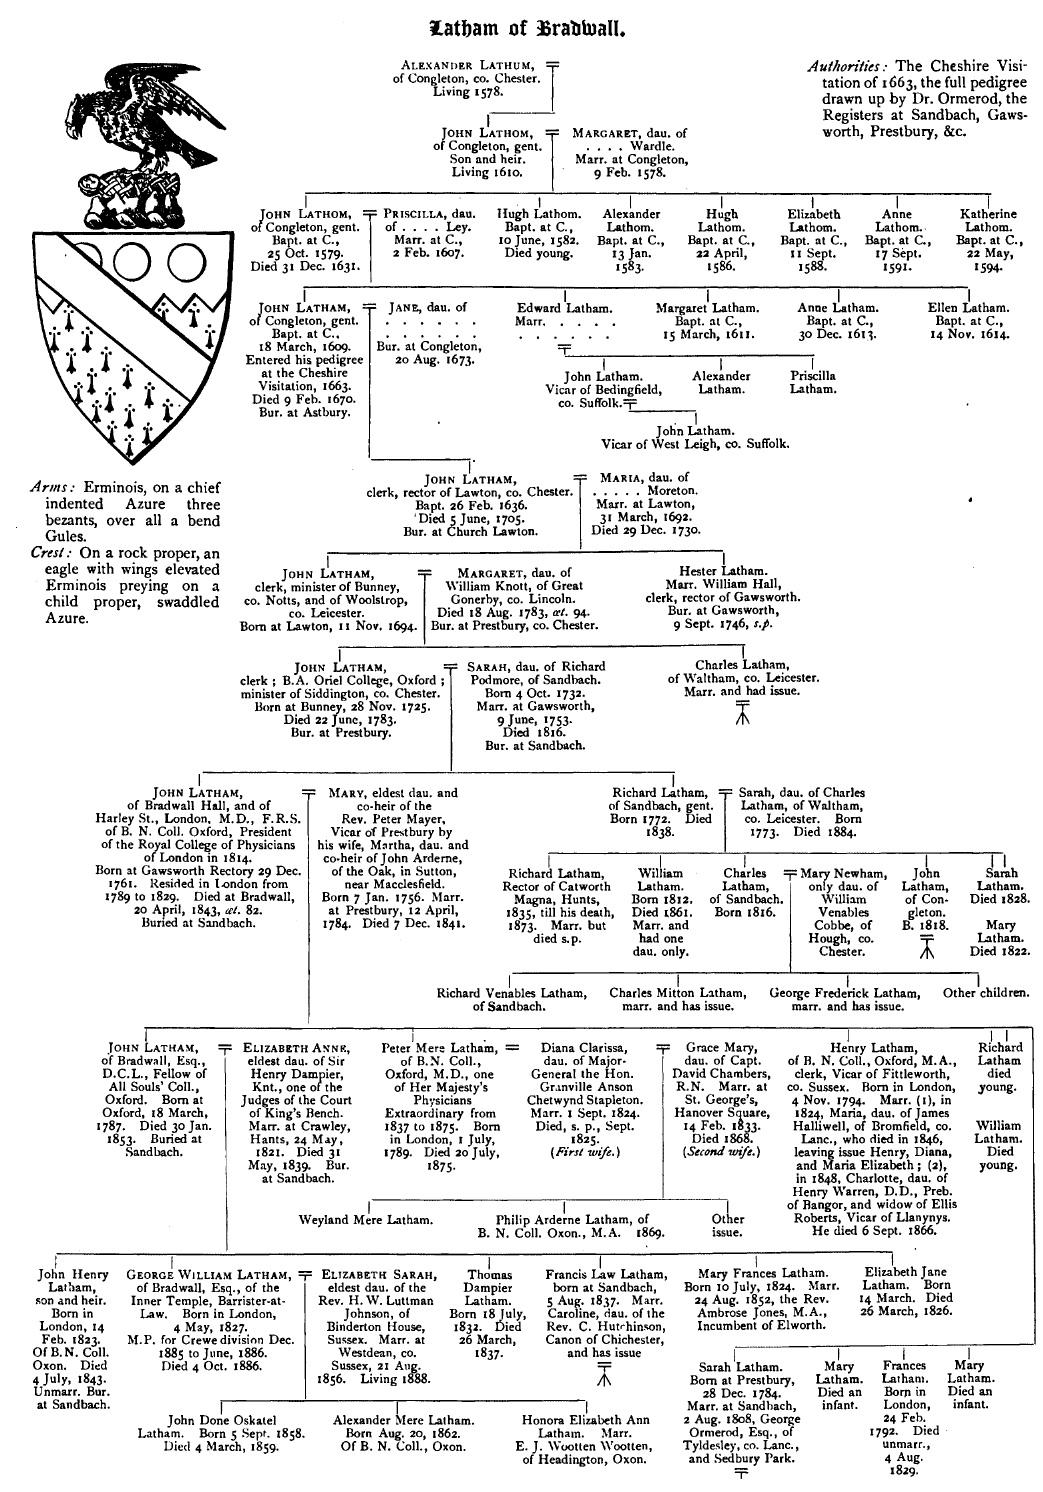 20 Generation Pedigree Chart: Latham-of-bradwall-genealogy.jpg - Wikipedia,Chart